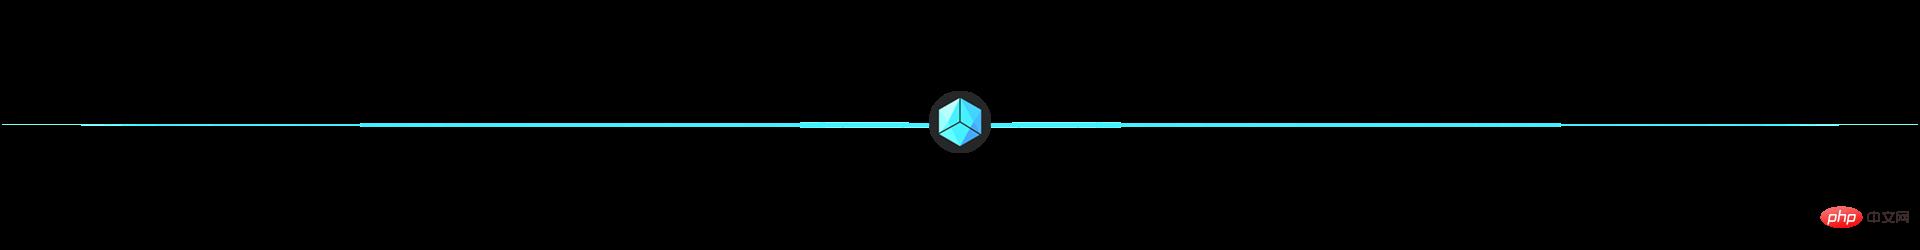 重学JavaScript 对象_编程技术_亿码酷站插图2